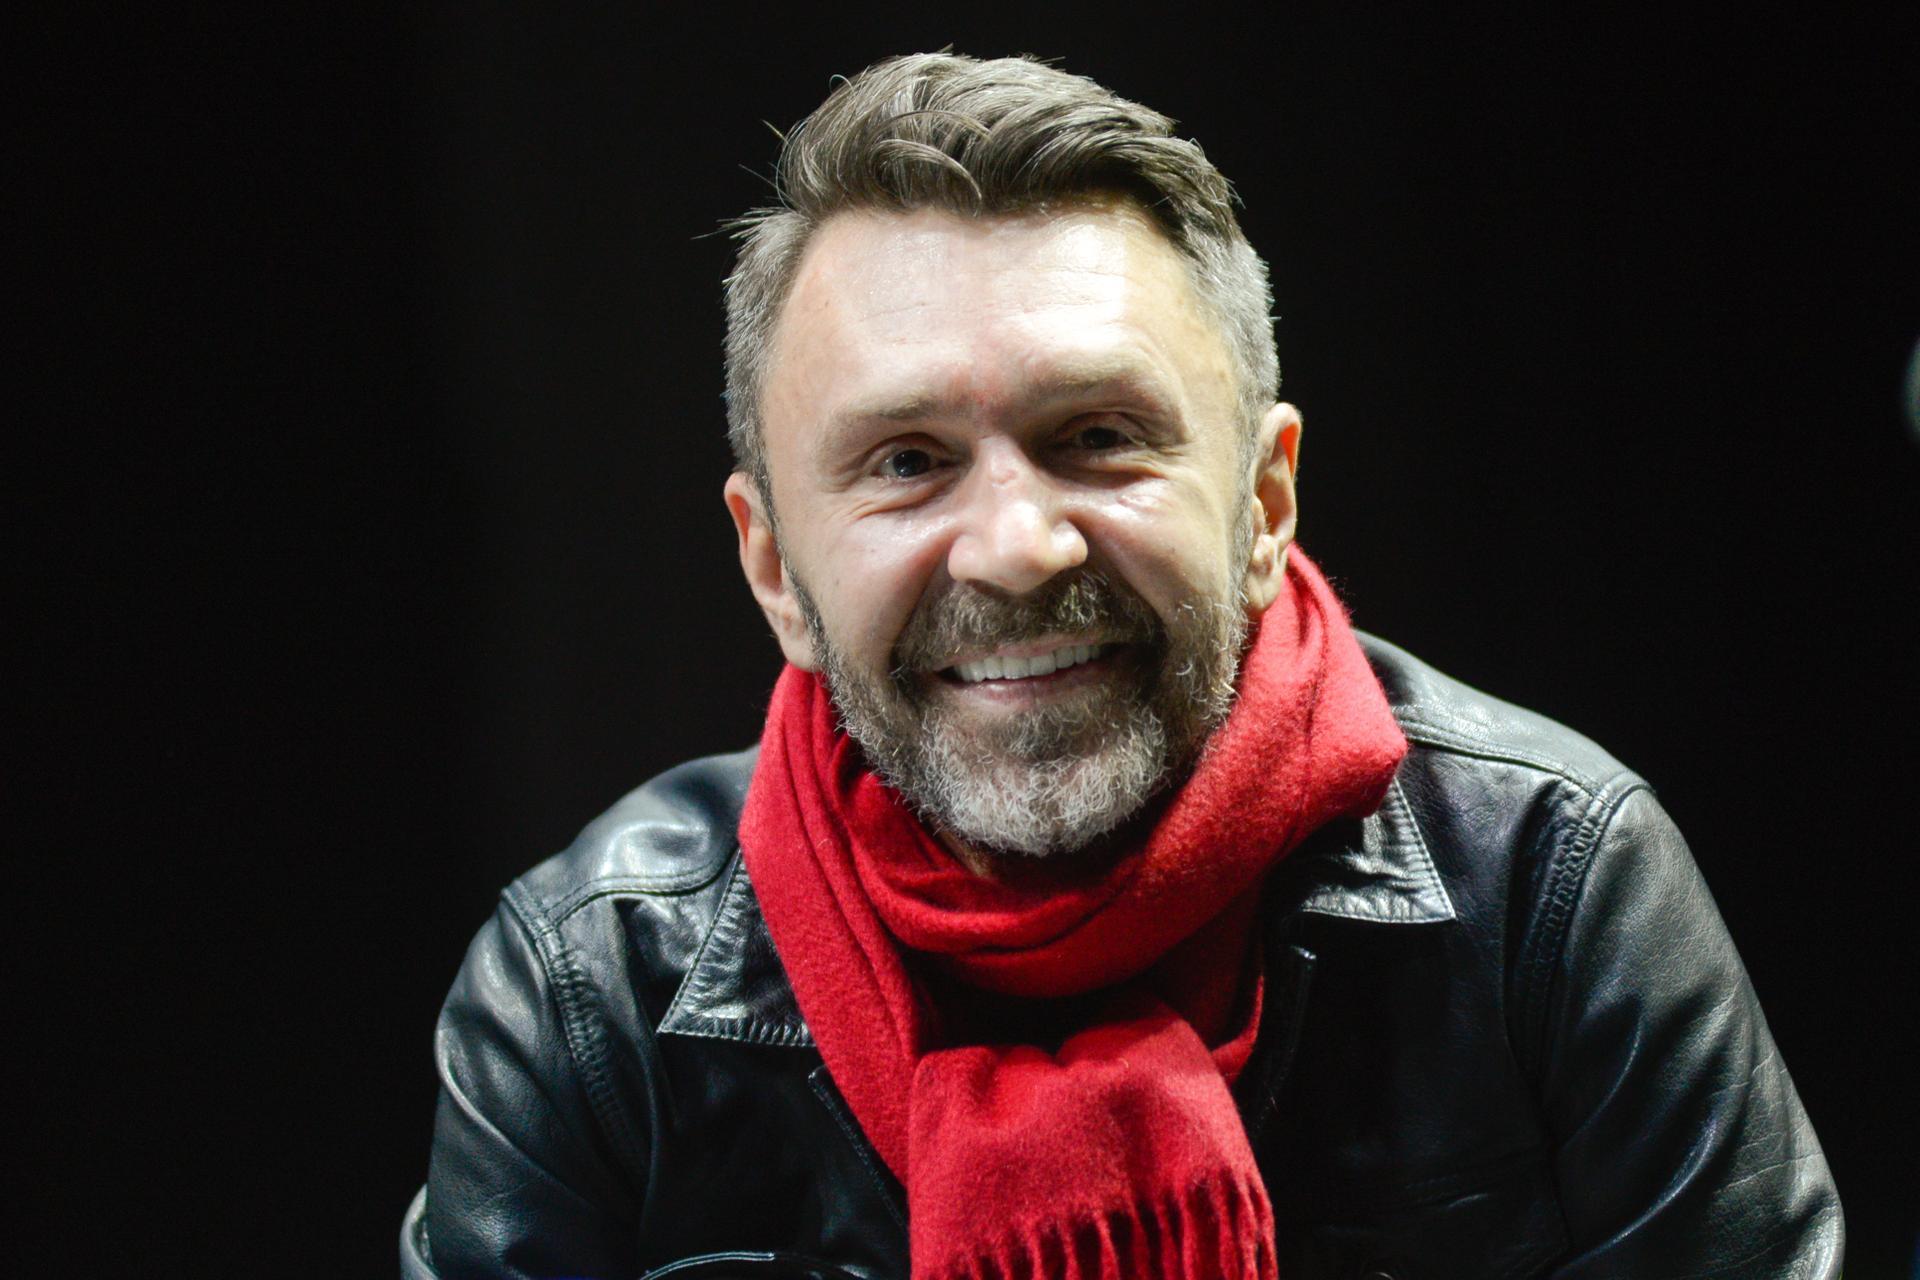 Сергей шнуров - биография, фото, песни, личная жизнь, новости 2019